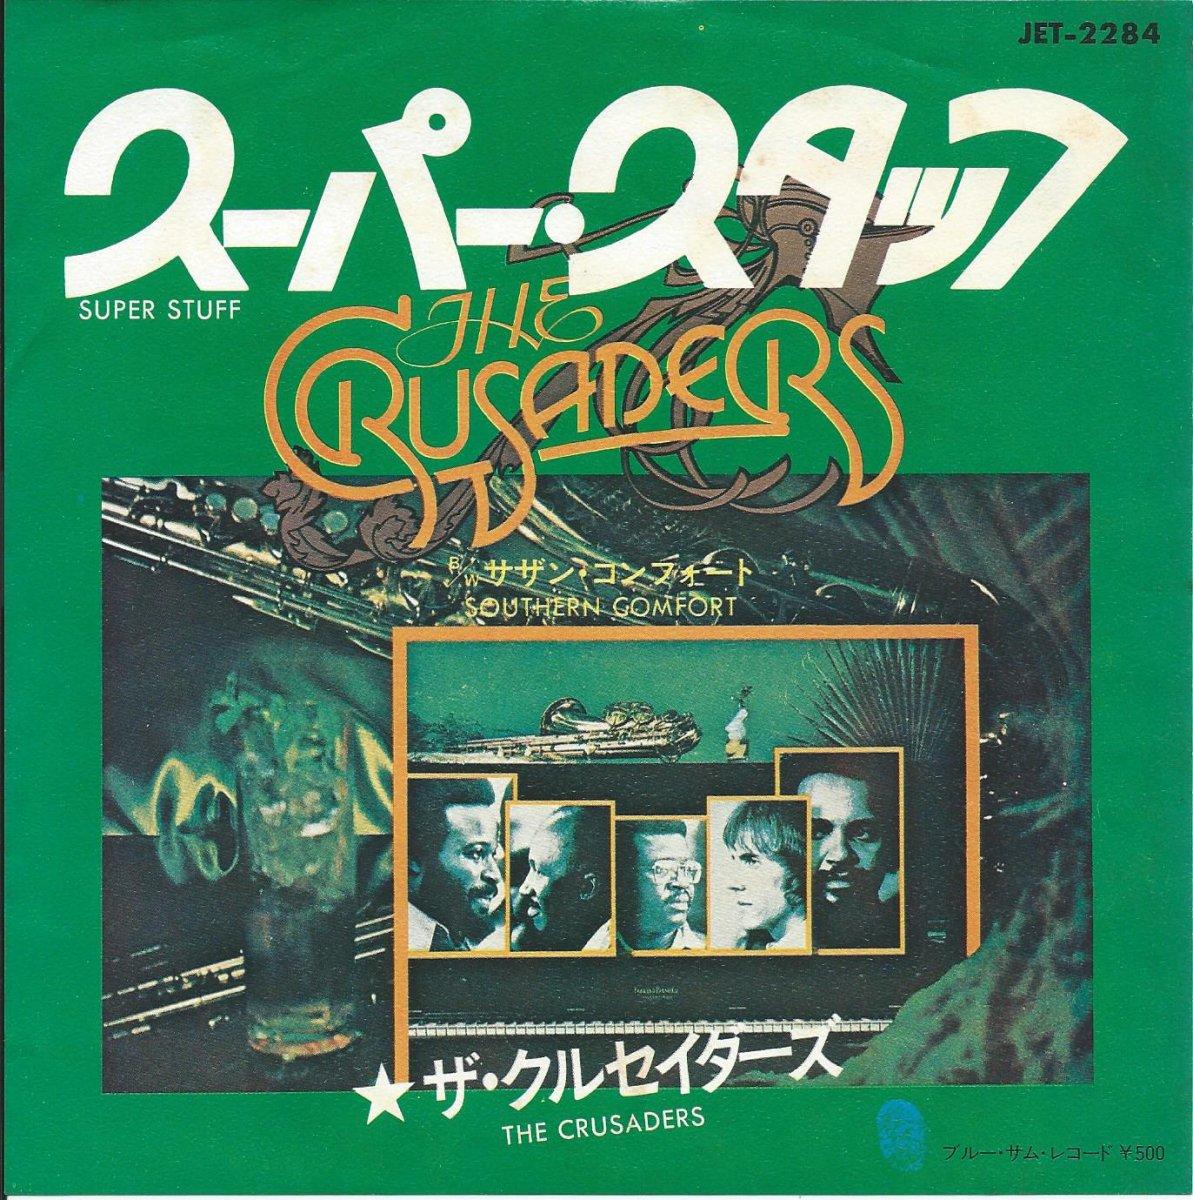 ザ・クルセイダーズ THE CRUSADERS / スーパー・スタッフ SUPER STUFF (7